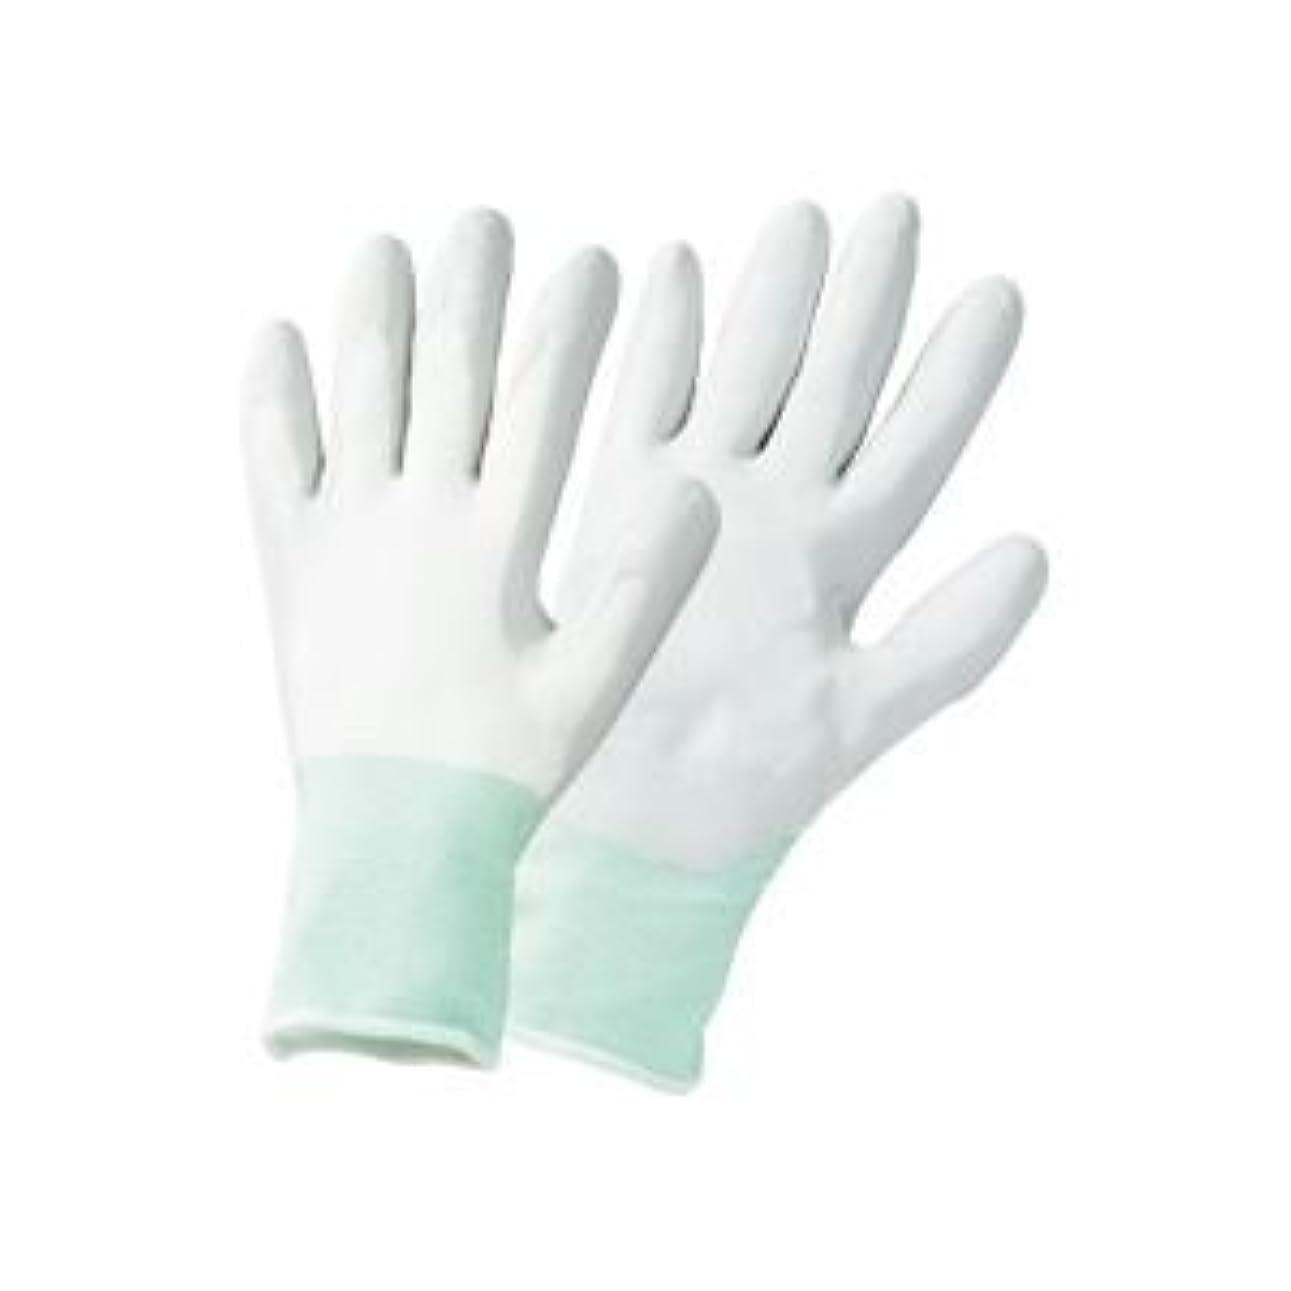 寛解コンパイルぐったり(まとめ) TANOSEE ニトリルゴム手袋薄手 L グレー 1セット(25双:5双×5パック) 【×3セット】 ds-1577353